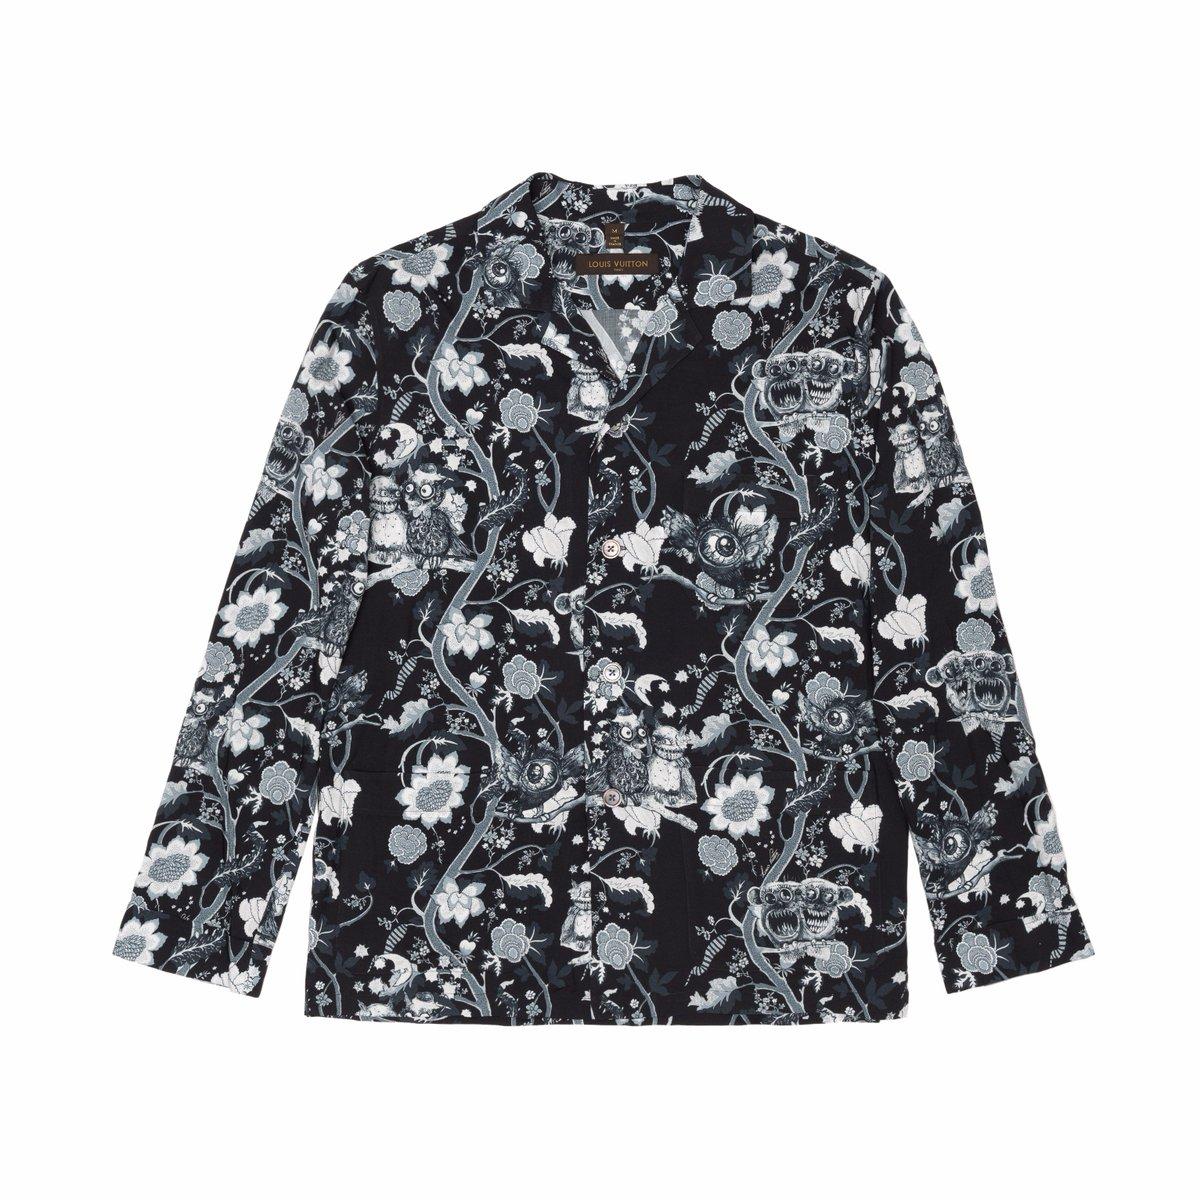 ルイ・ヴィトンのドーバー銀座限定パジャマシャツ&パンツ、ヒマラヤの動物たちを擬人化 fashion-…